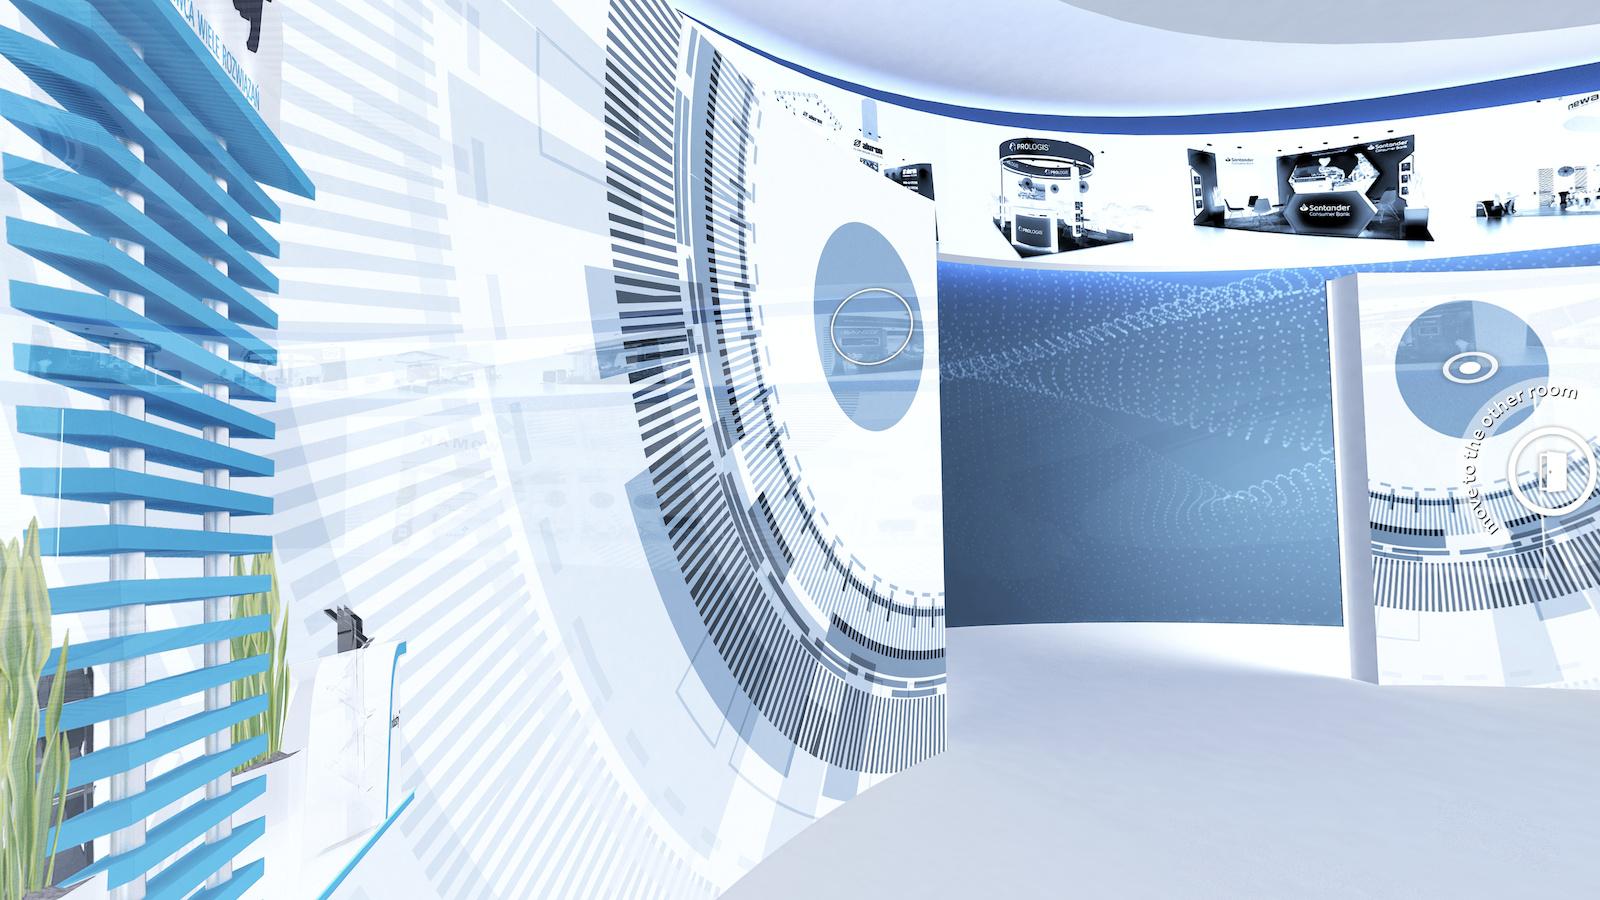 Wirtualny showroom online